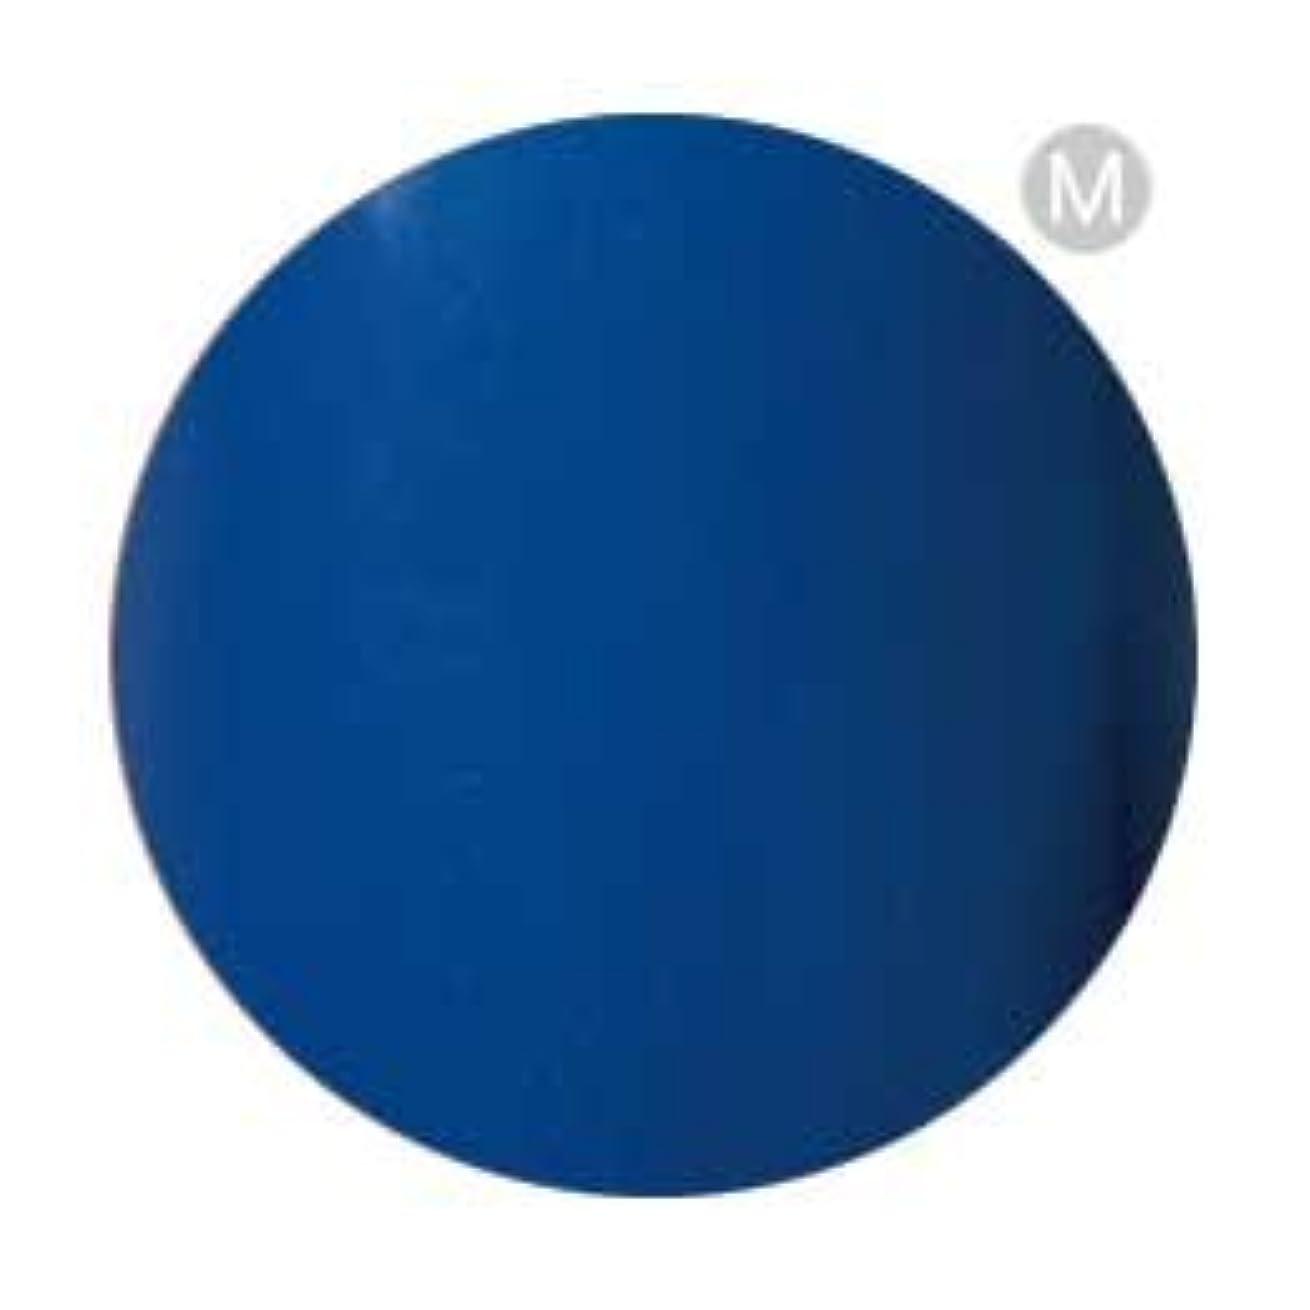 困惑ナインへこっそりPalms Graceful カラージェル 3g 004 ブルー